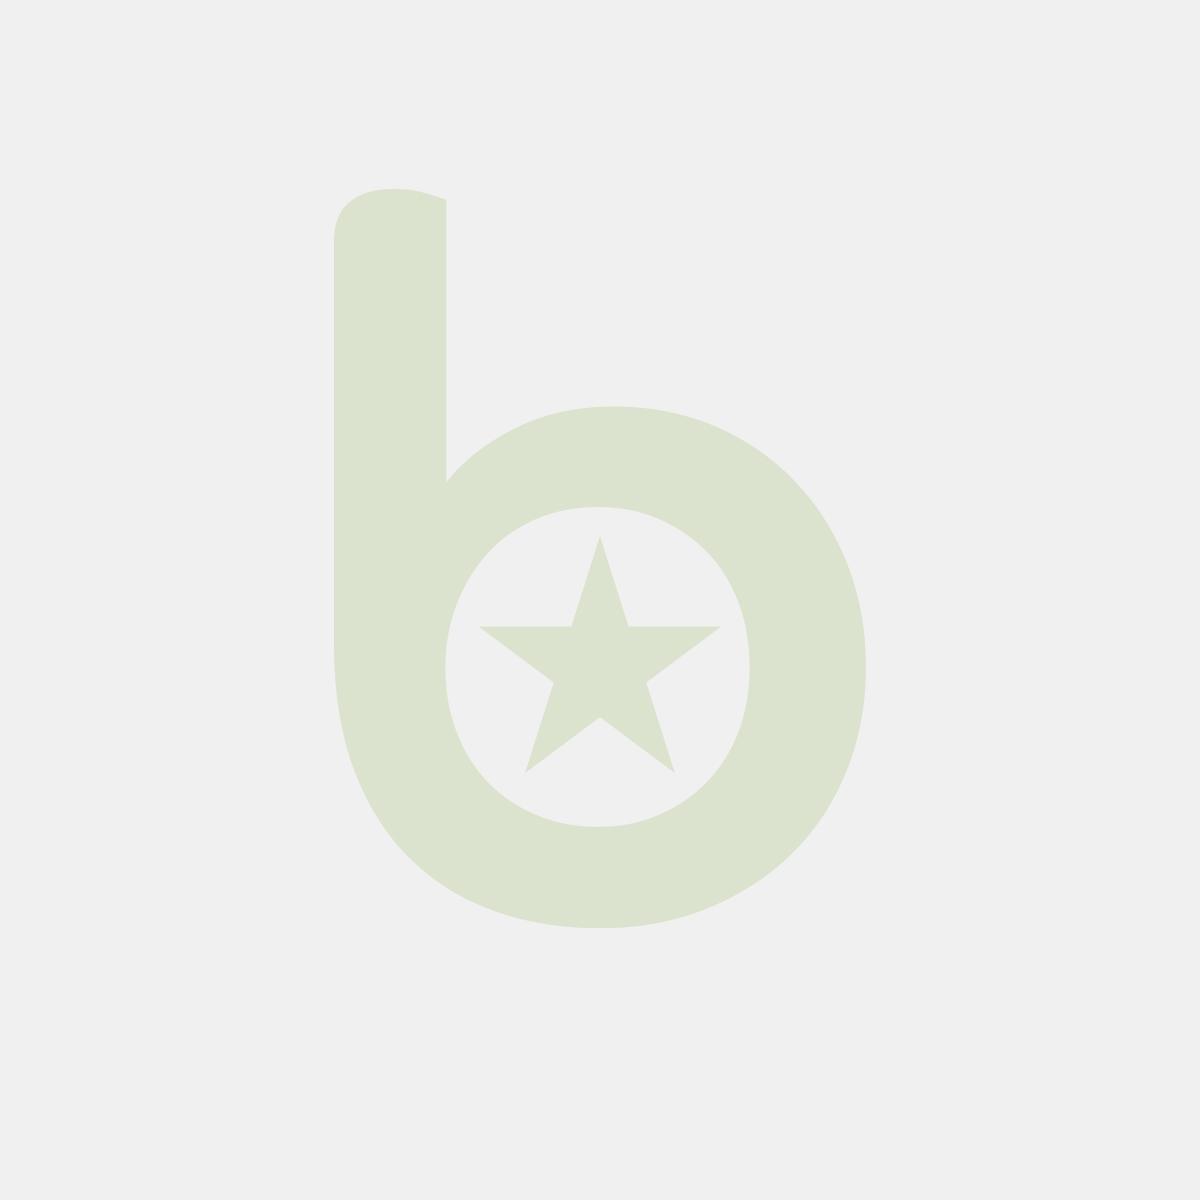 FINGERFOOD - kubek PS 11,2x7,2x8cm GOCCIA 200ml transparentny op. 50 sztuk